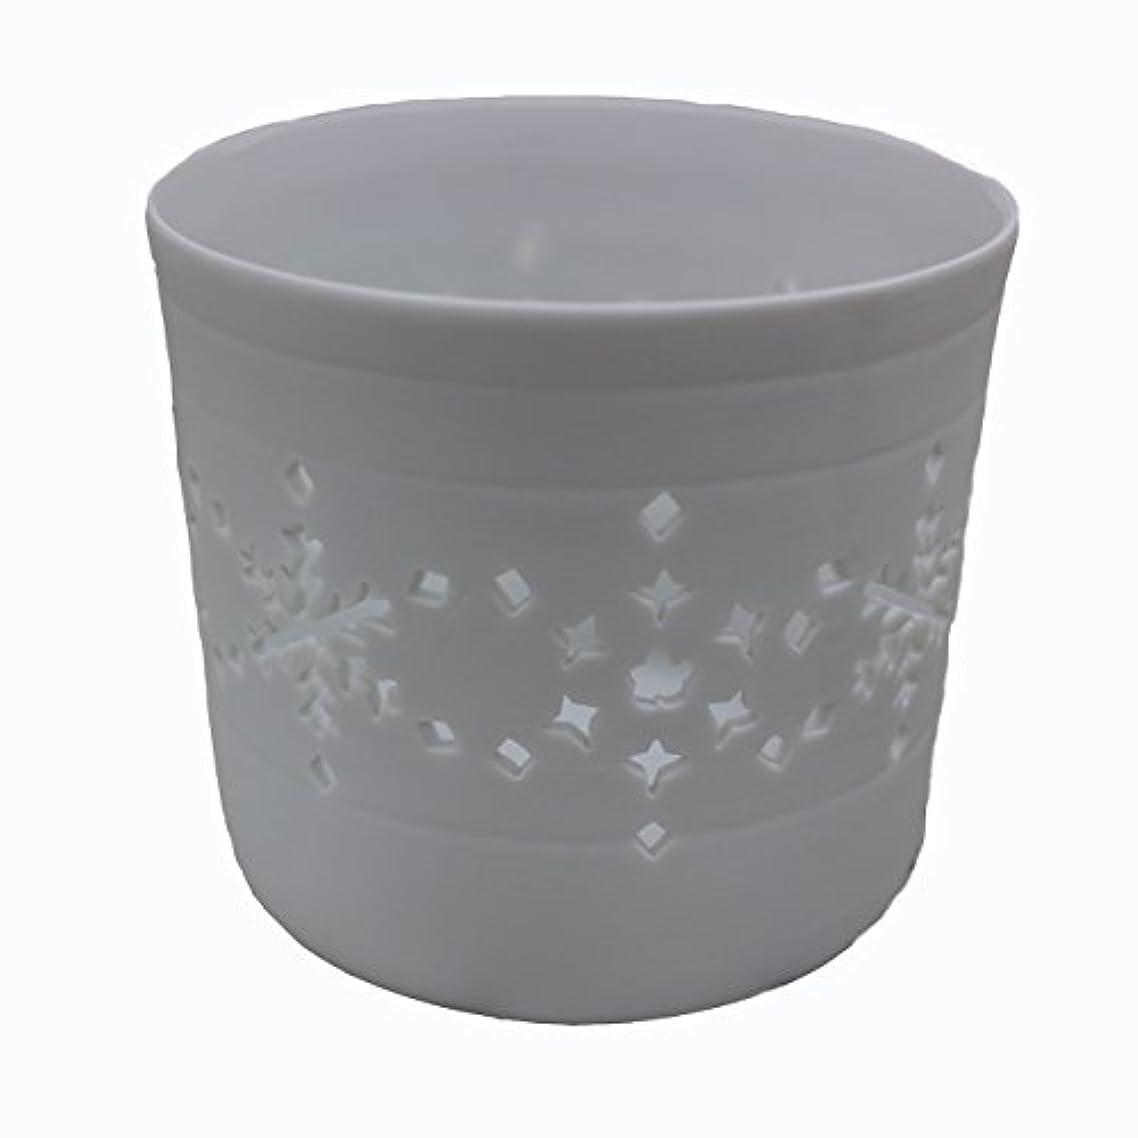 魅惑的な想像力豊かなブローキャンドルカップ(ティーライト付き)結晶